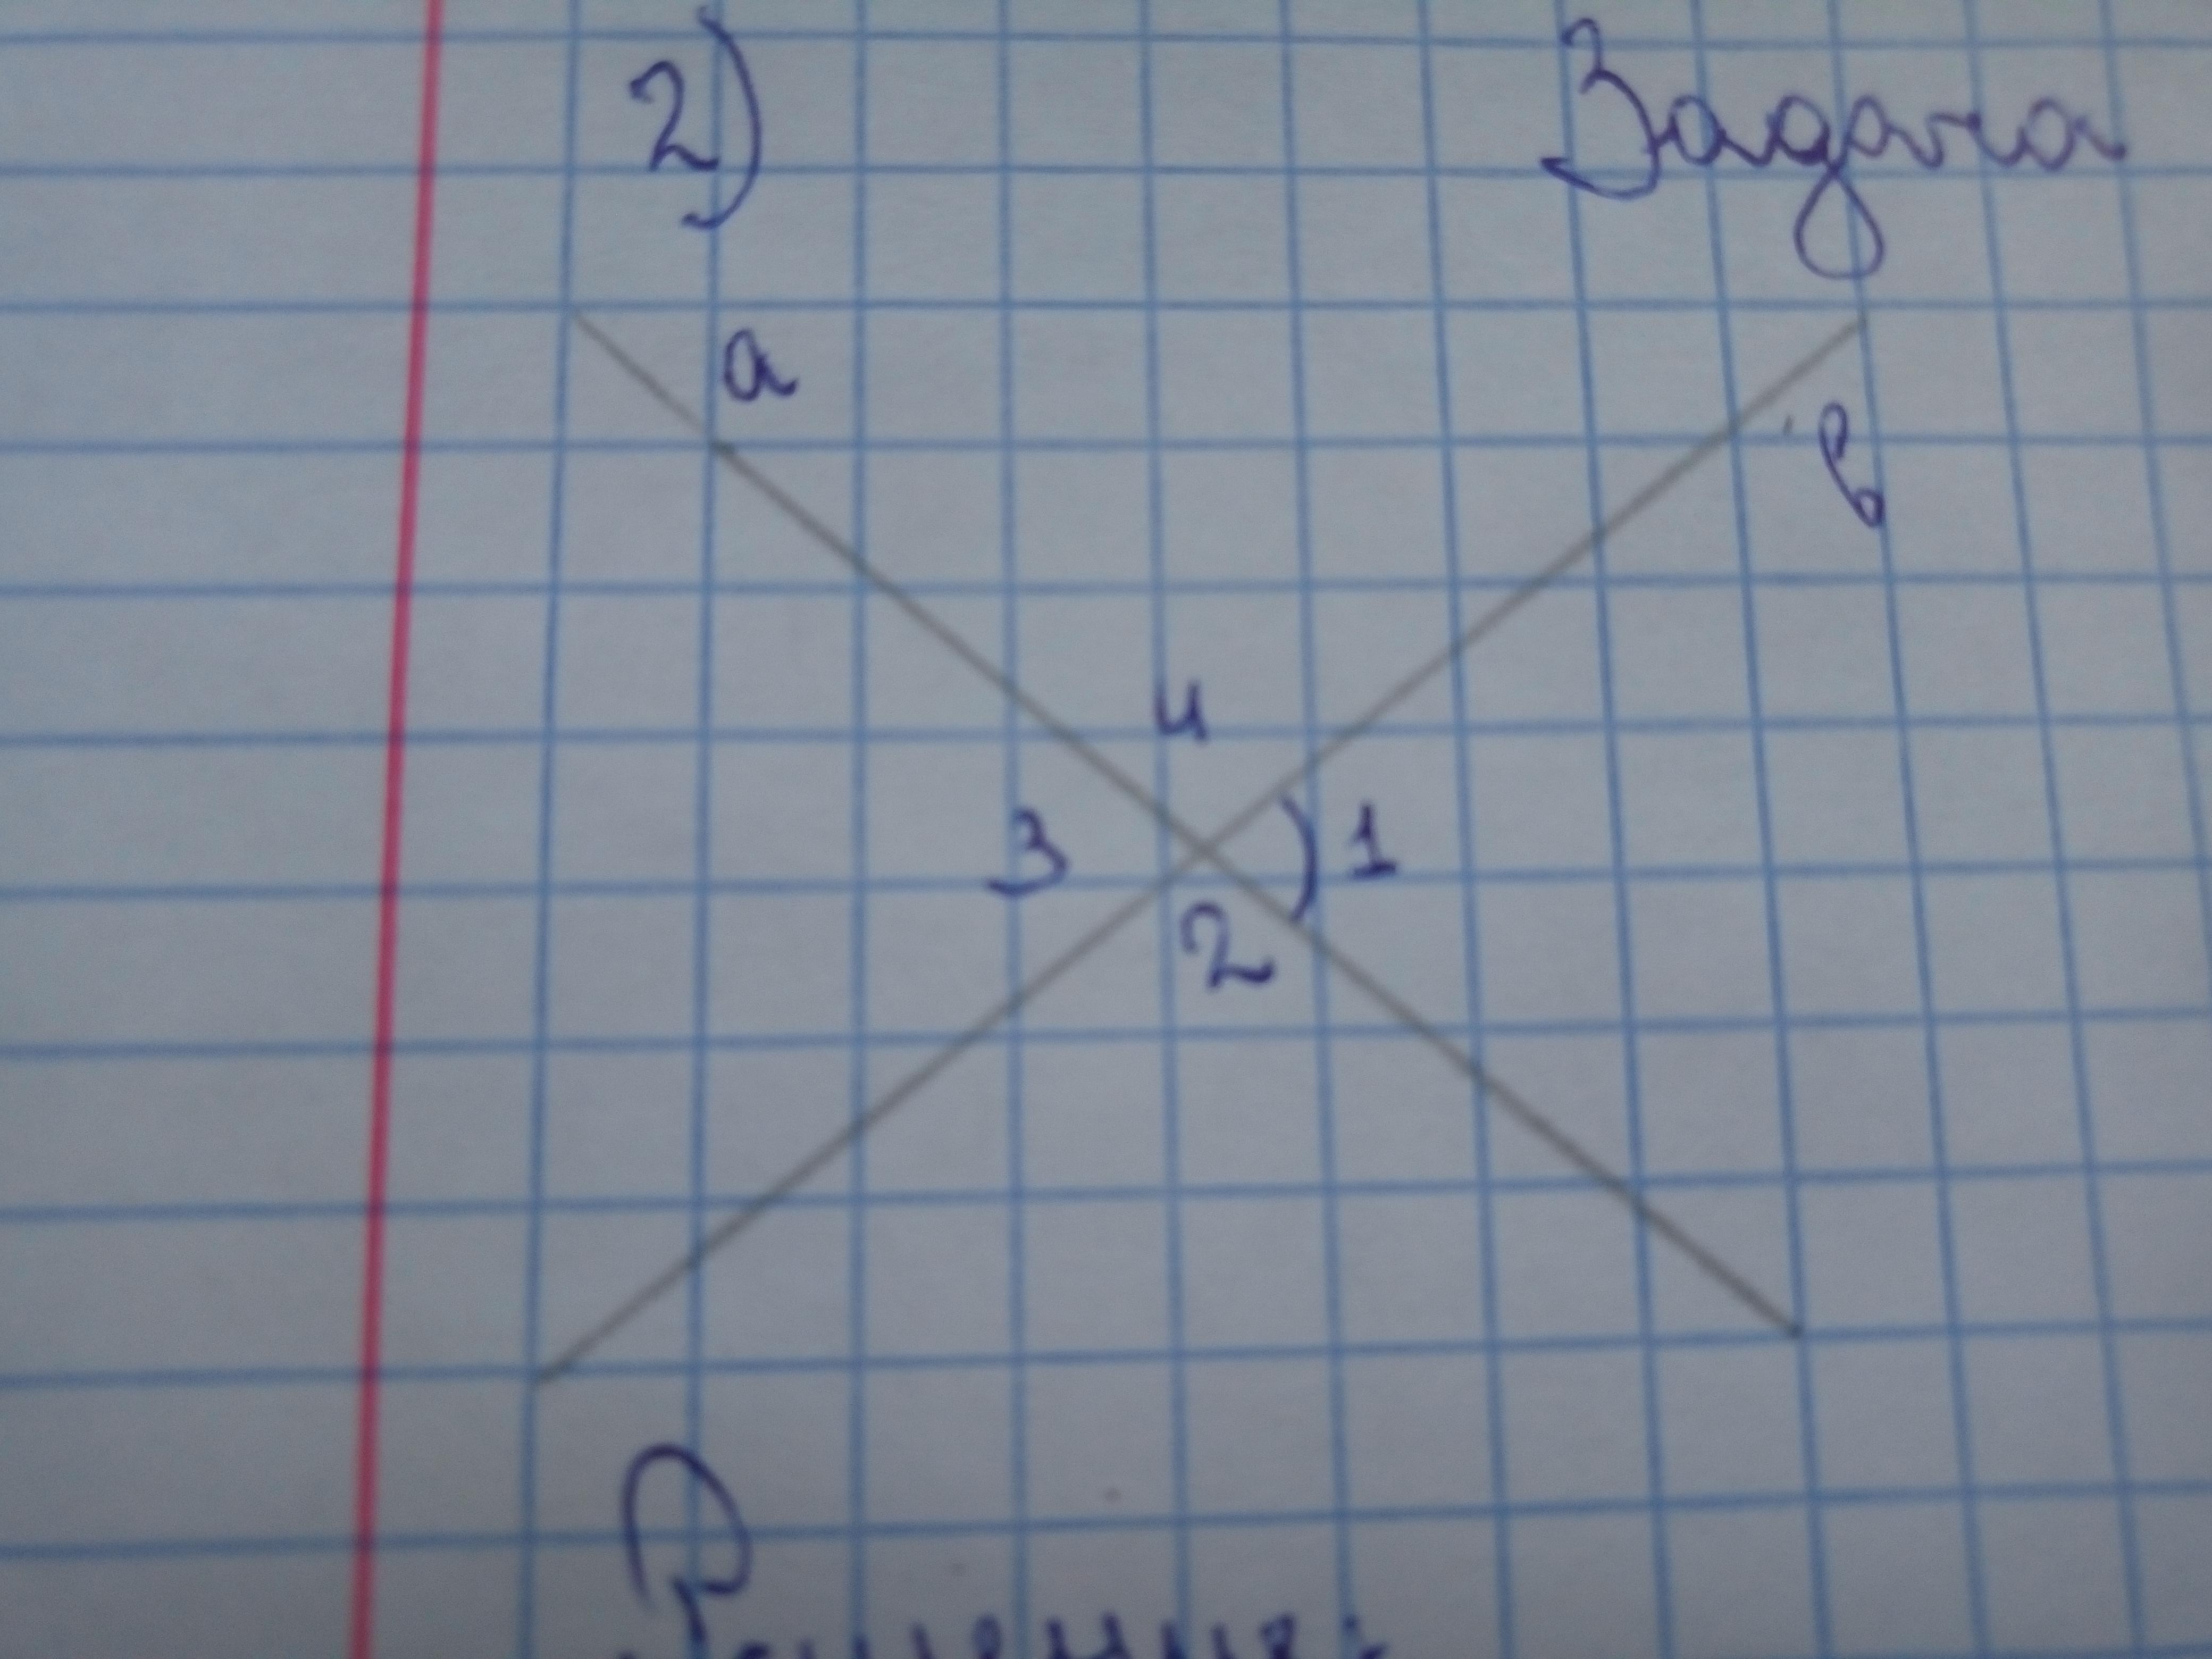 Помогите((( Дано: a и b пересекаются.  Угол 1 меньше угла 2 в 4 раза.  Найти : угол 1; угол 2; угол 3; угол 4